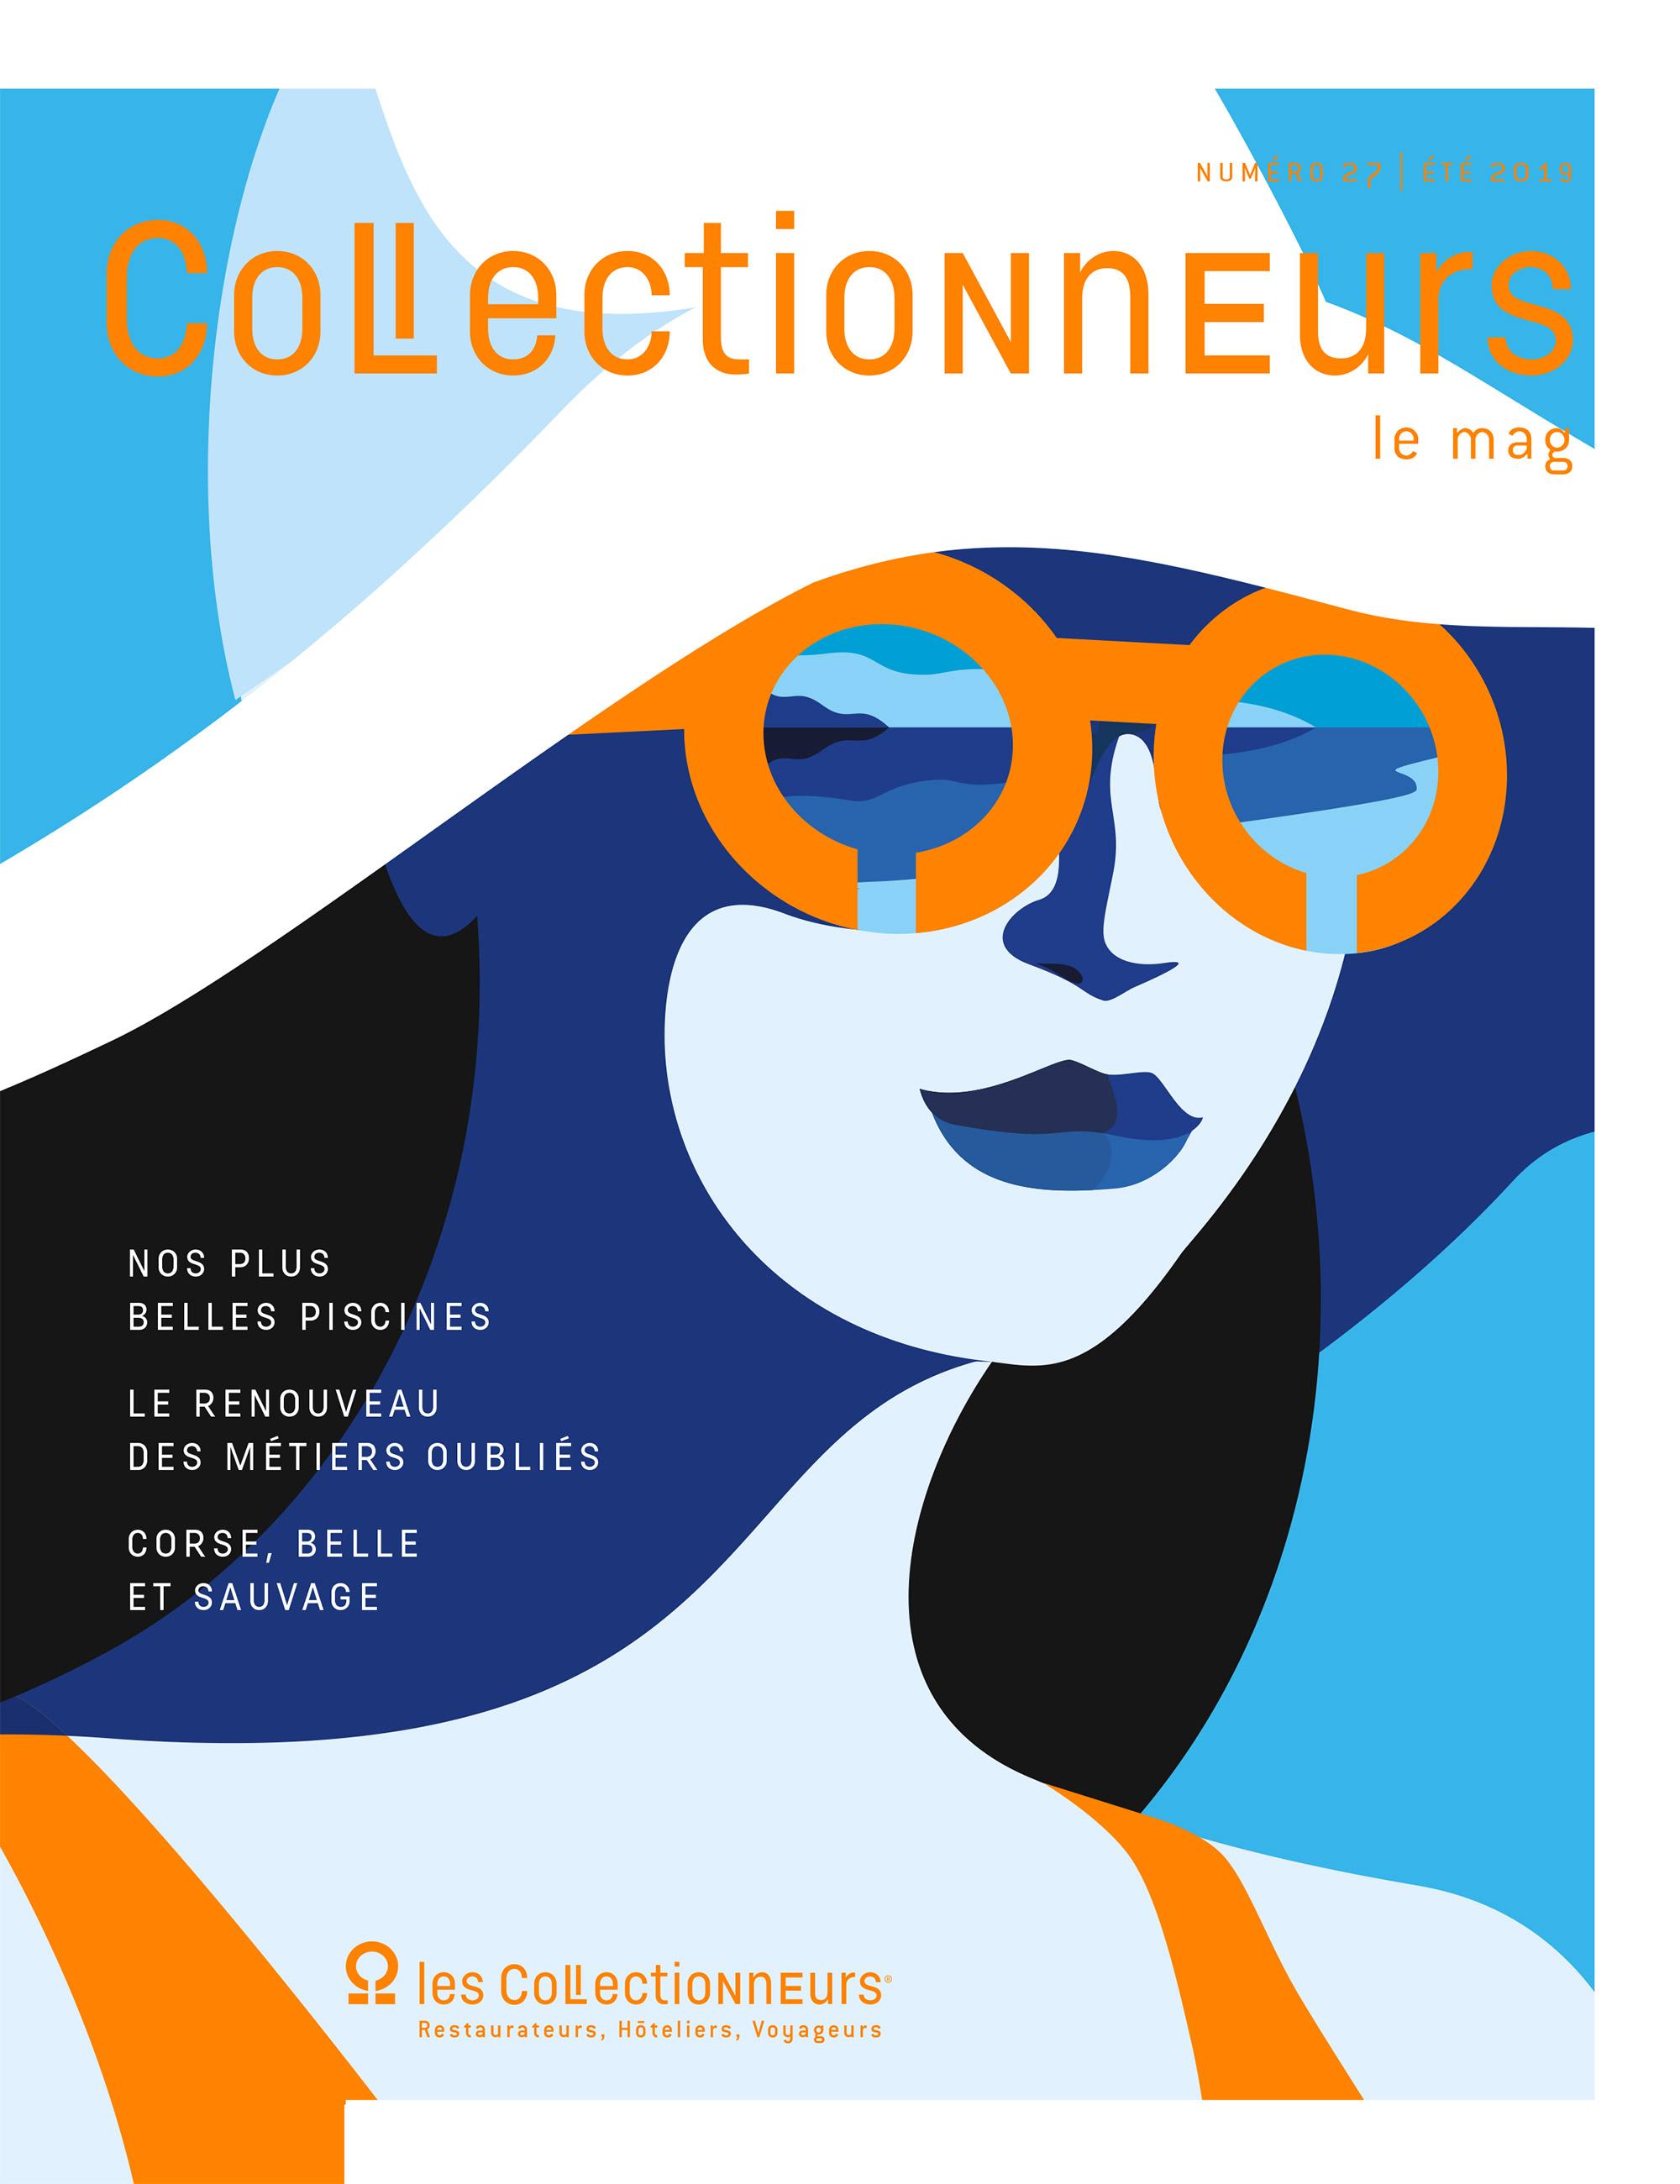 Couverture de magazine, illustration graphique représentant le visage d'une femme sous un chapeau de plage, débardeur et lunettes orange